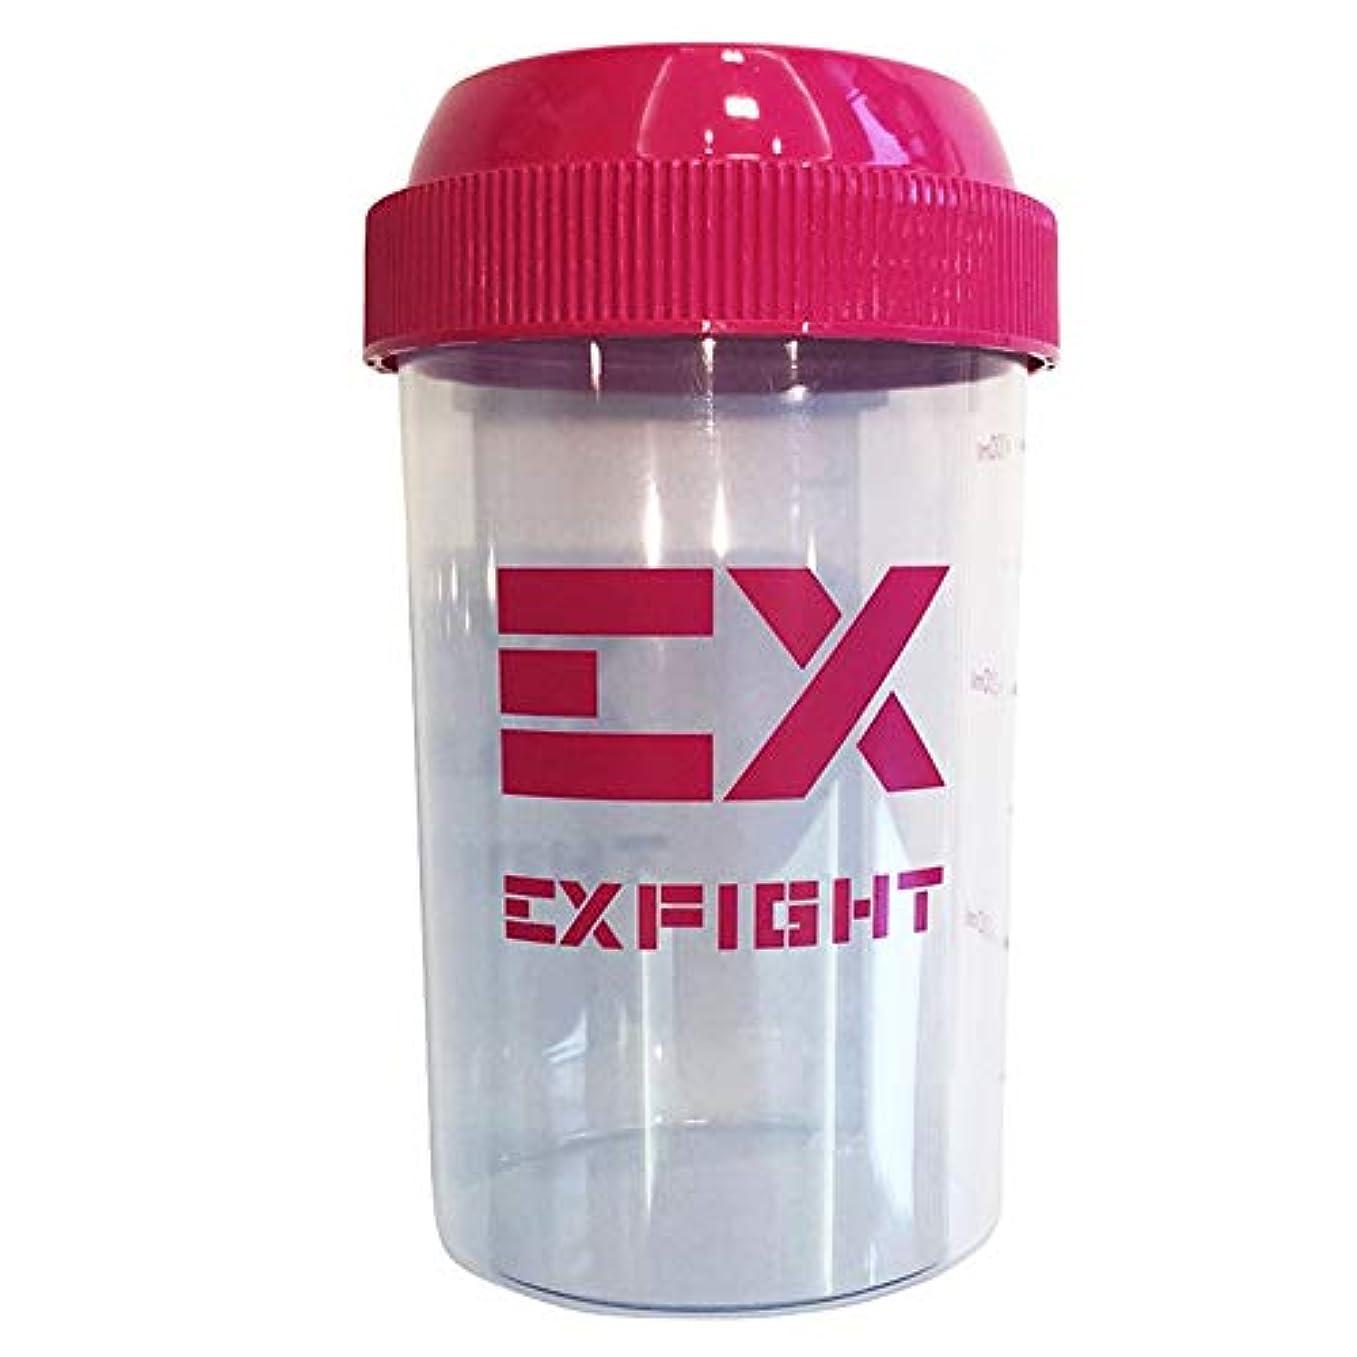 区別アレルギー性石鹸EX-SHAKER シェイカーボトル ピンク 300ml(エクスサプリ EXSUPPLI シェーカー EXILE サプリ)